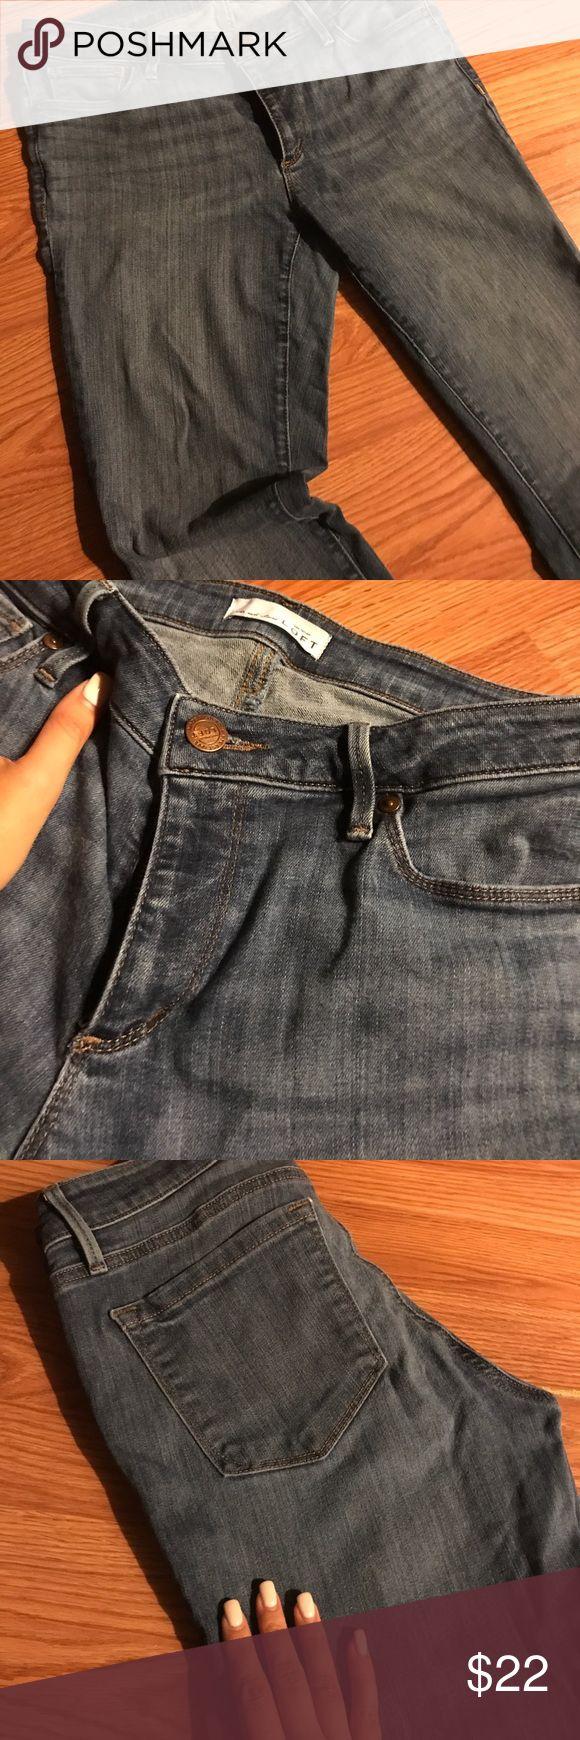 Blue jeans on sale! Super discount Ann Taylor - Loft size 27 beautiful classic denim color LOFT Jeans Skinny